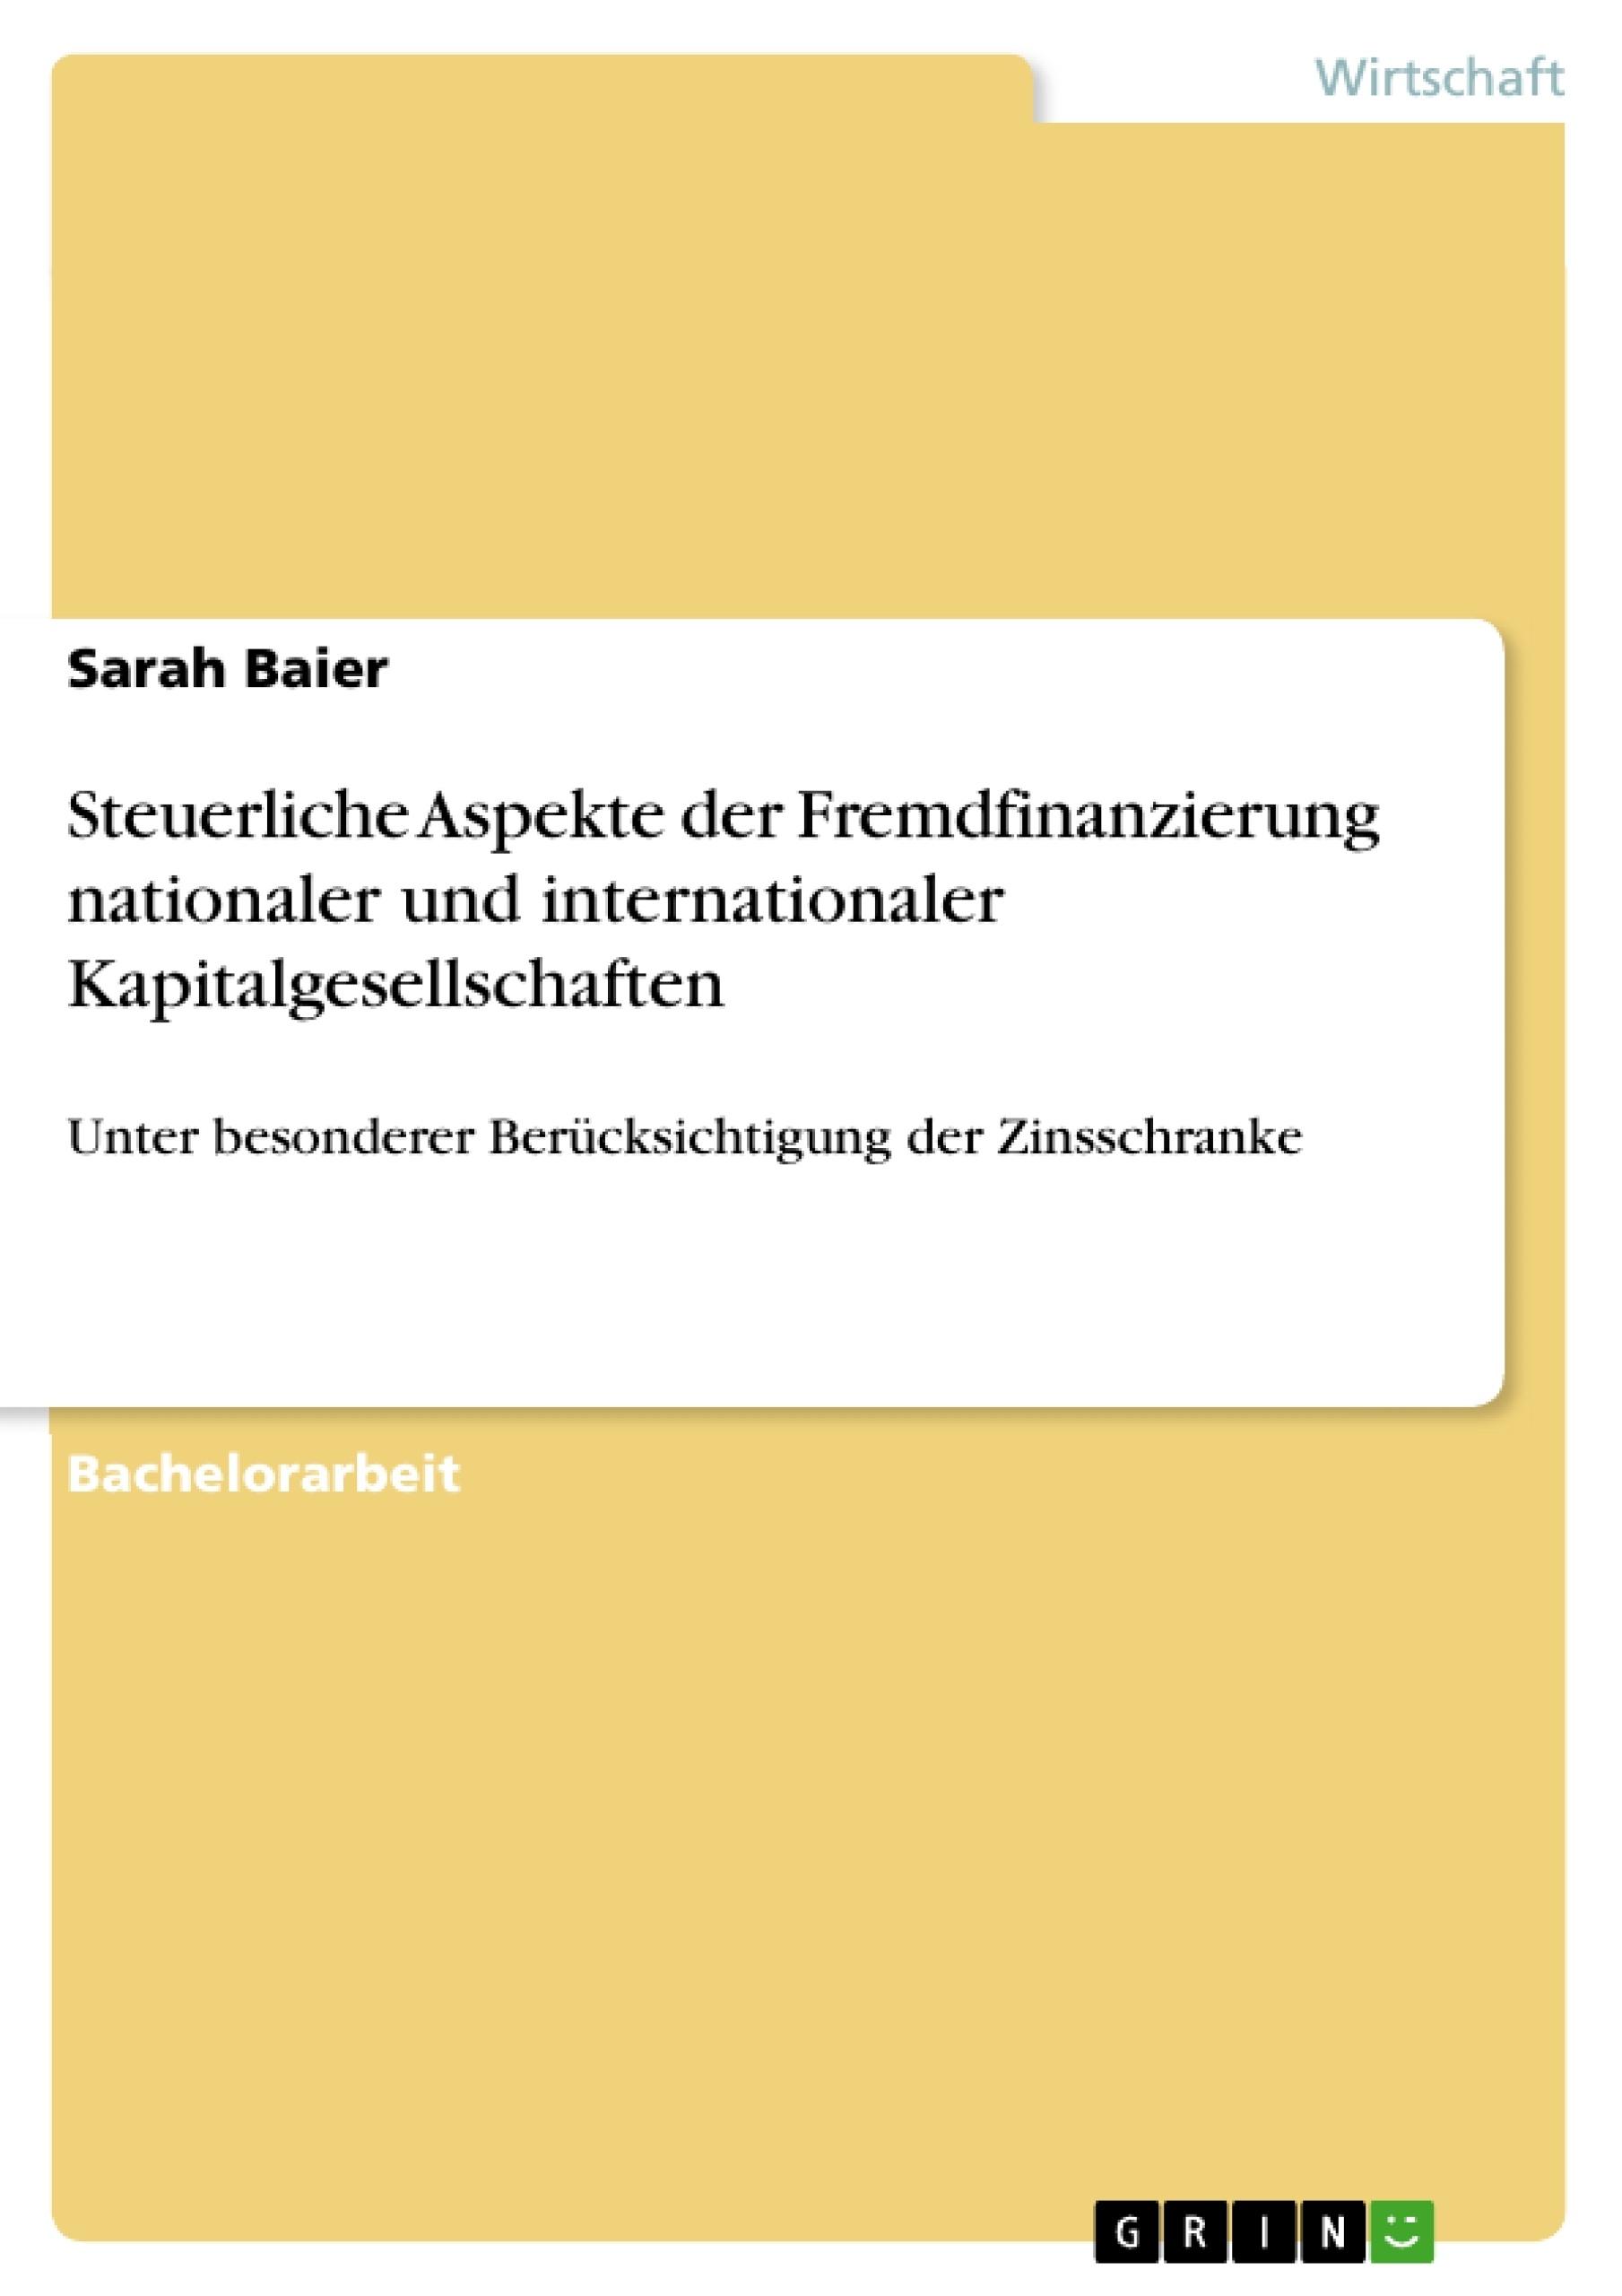 Titel: Steuerliche Aspekte der Fremdfinanzierung nationaler und internationaler Kapitalgesellschaften